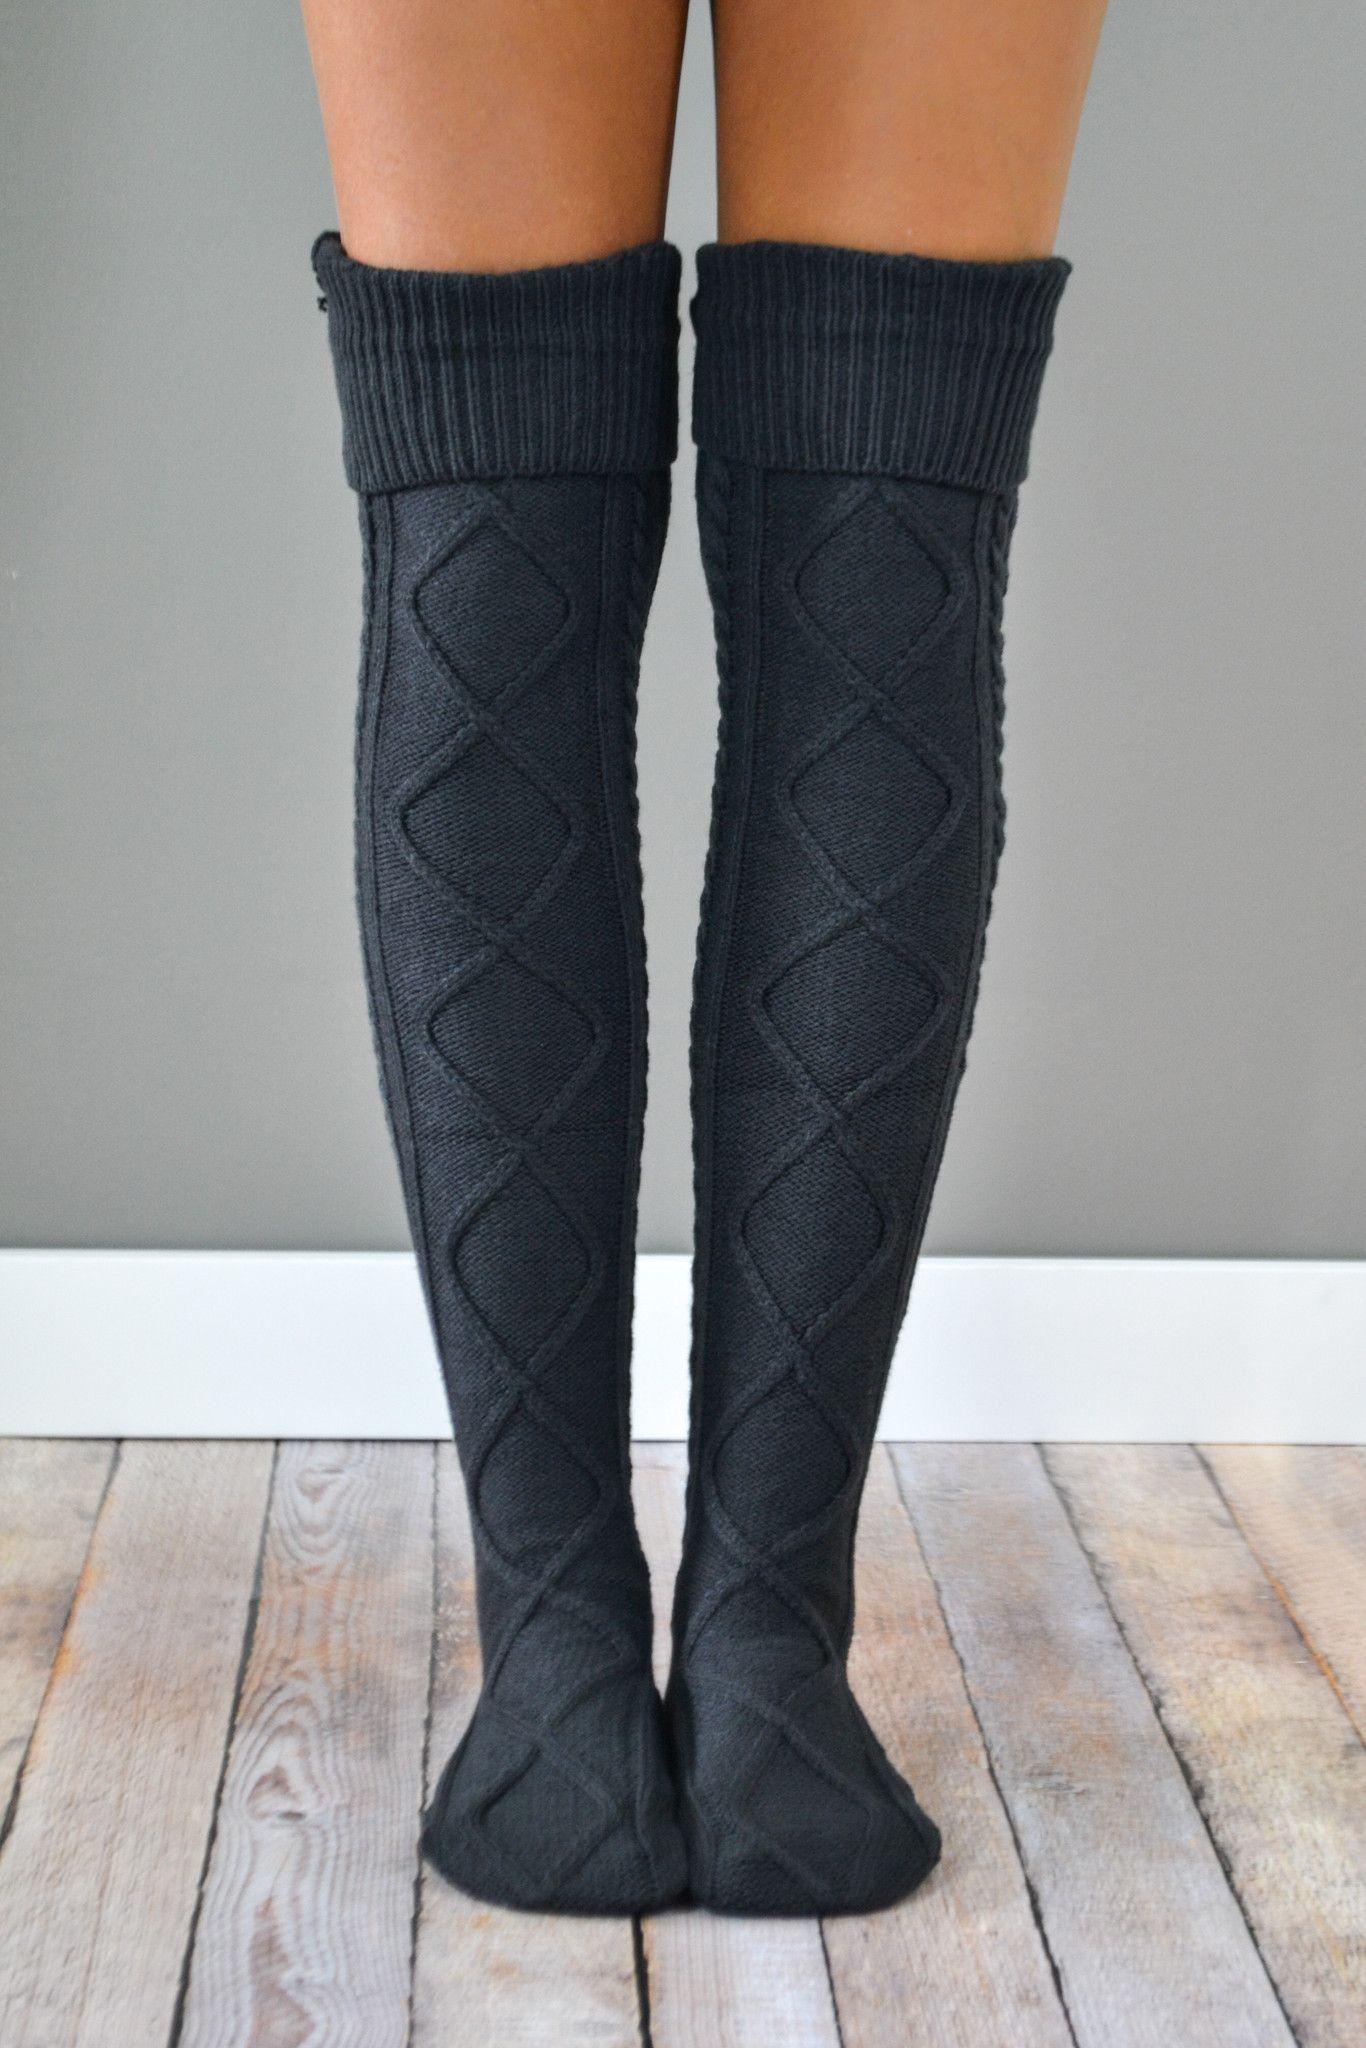 2c6533c199 Charcoal Thick Cable Knit Boot Socks Hosszú Szárú Szűk Csizma, Ősz, Zoknik,  Outfitek